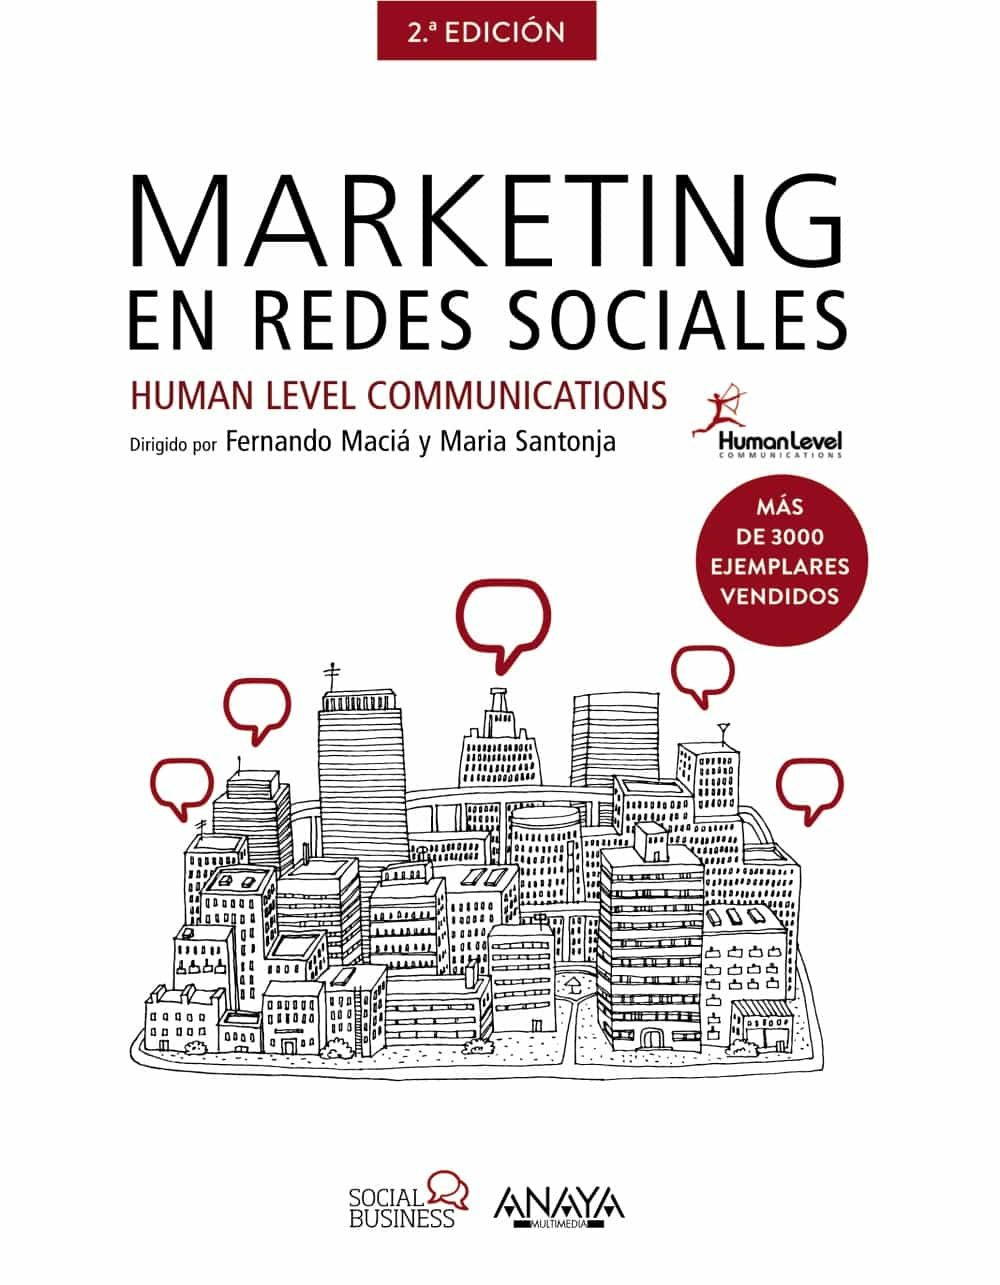 Resultado de imagen para Marketing en redes sociales libro fernando maría